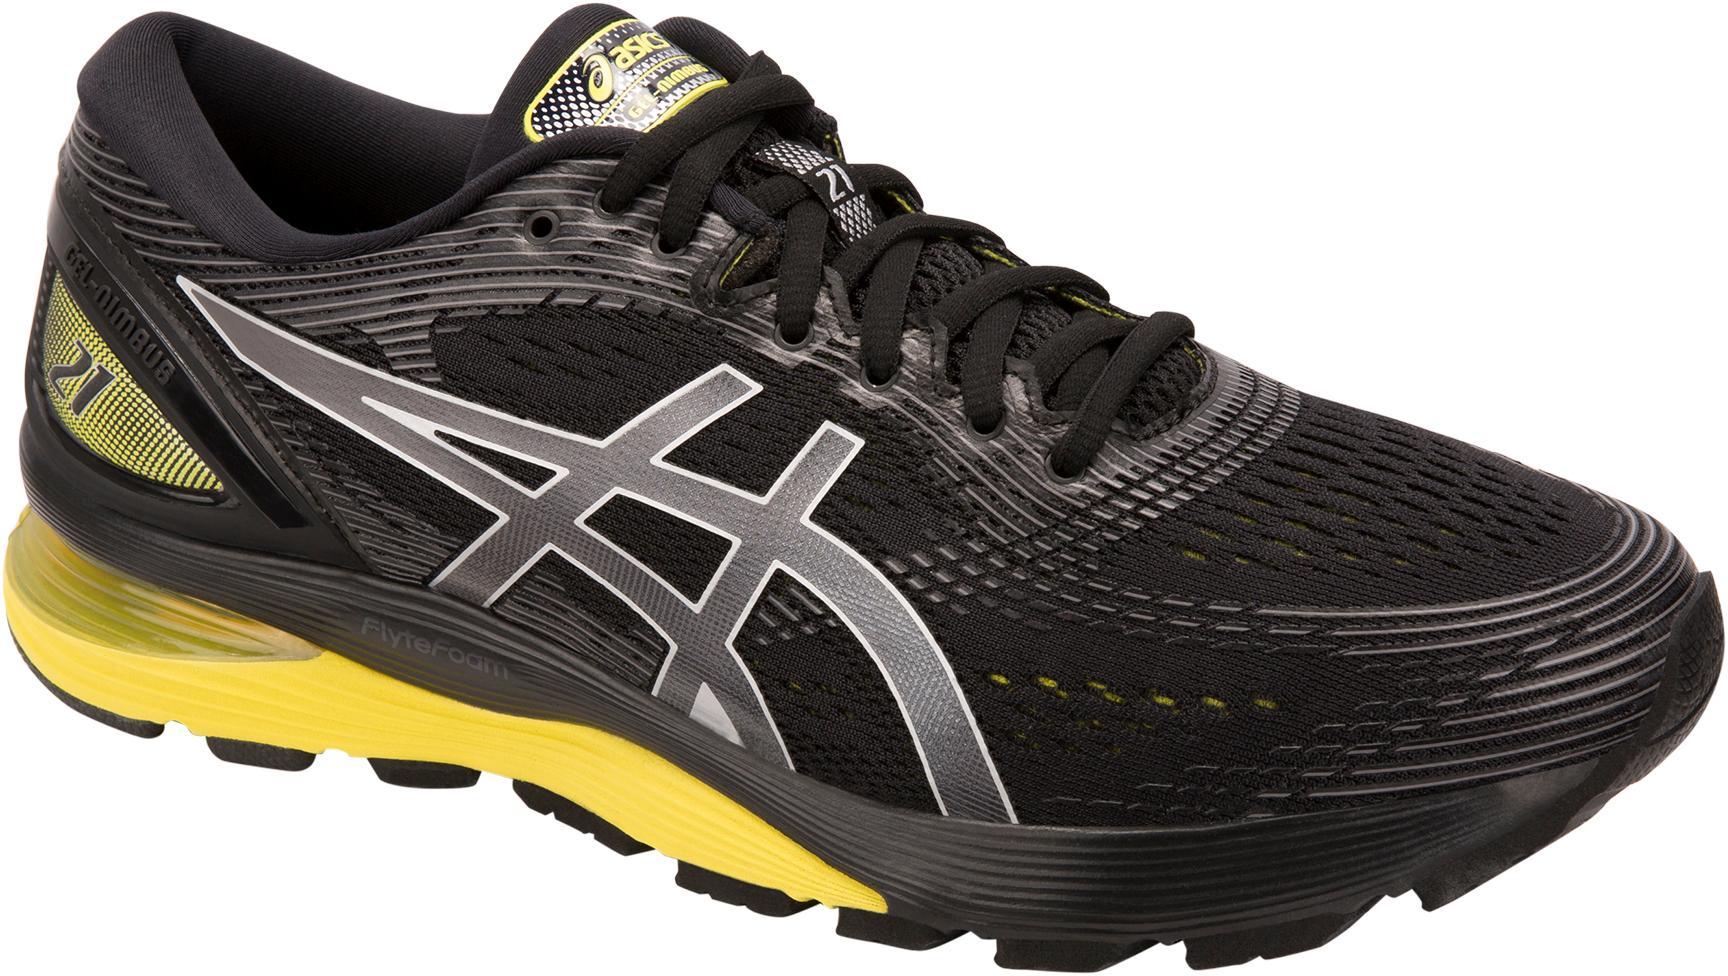 ASICS GEL-NIMBUS 21 Laufschuhe Herren schwarz-lemon-spark im Online Shop von SportScheck kaufen Gute Qualität beliebte Schuhe